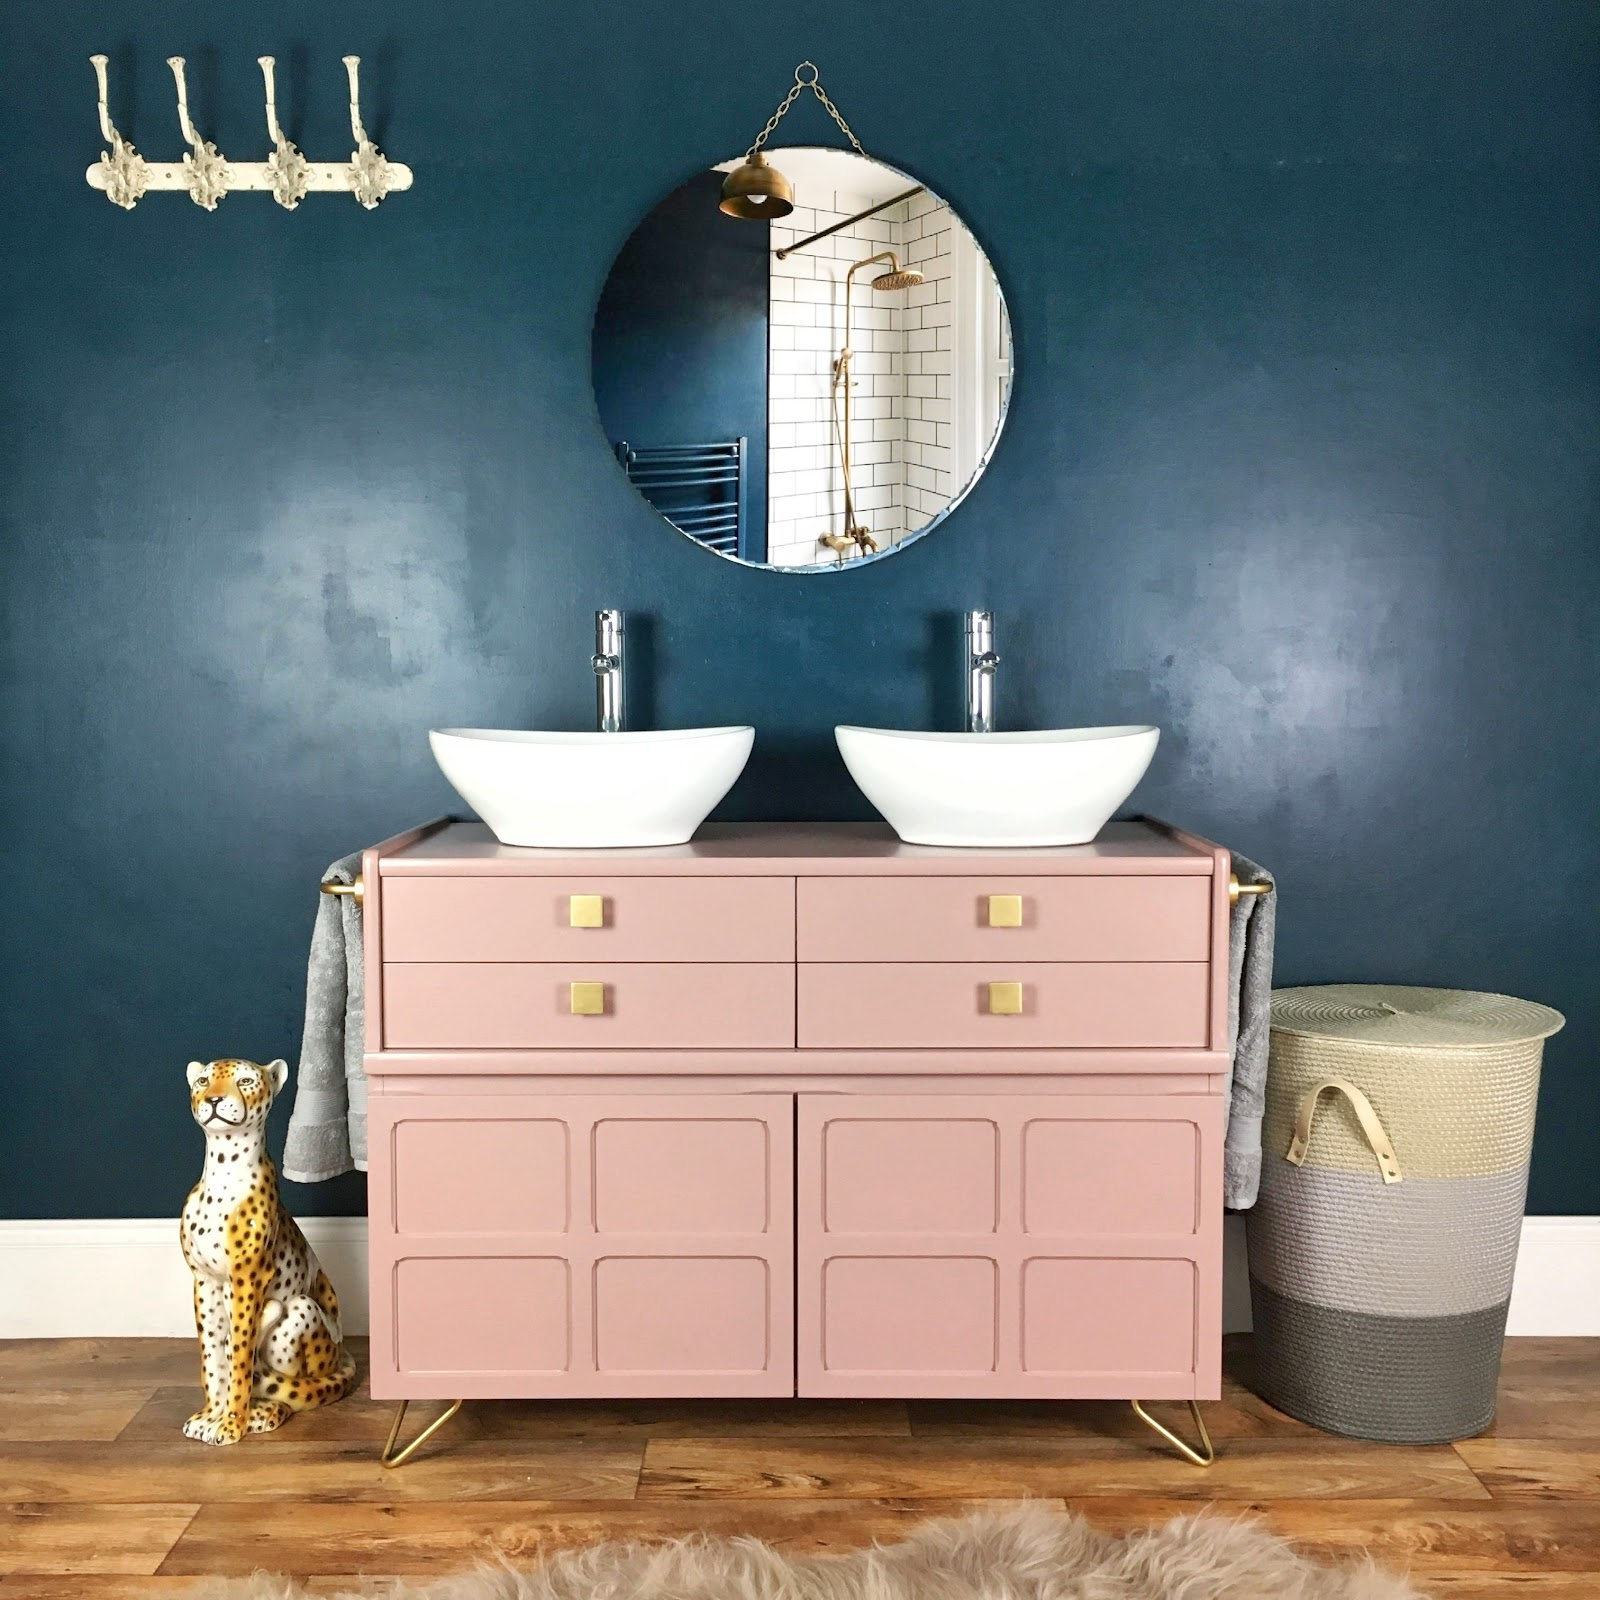 Bespoke vintage bathroom vanity